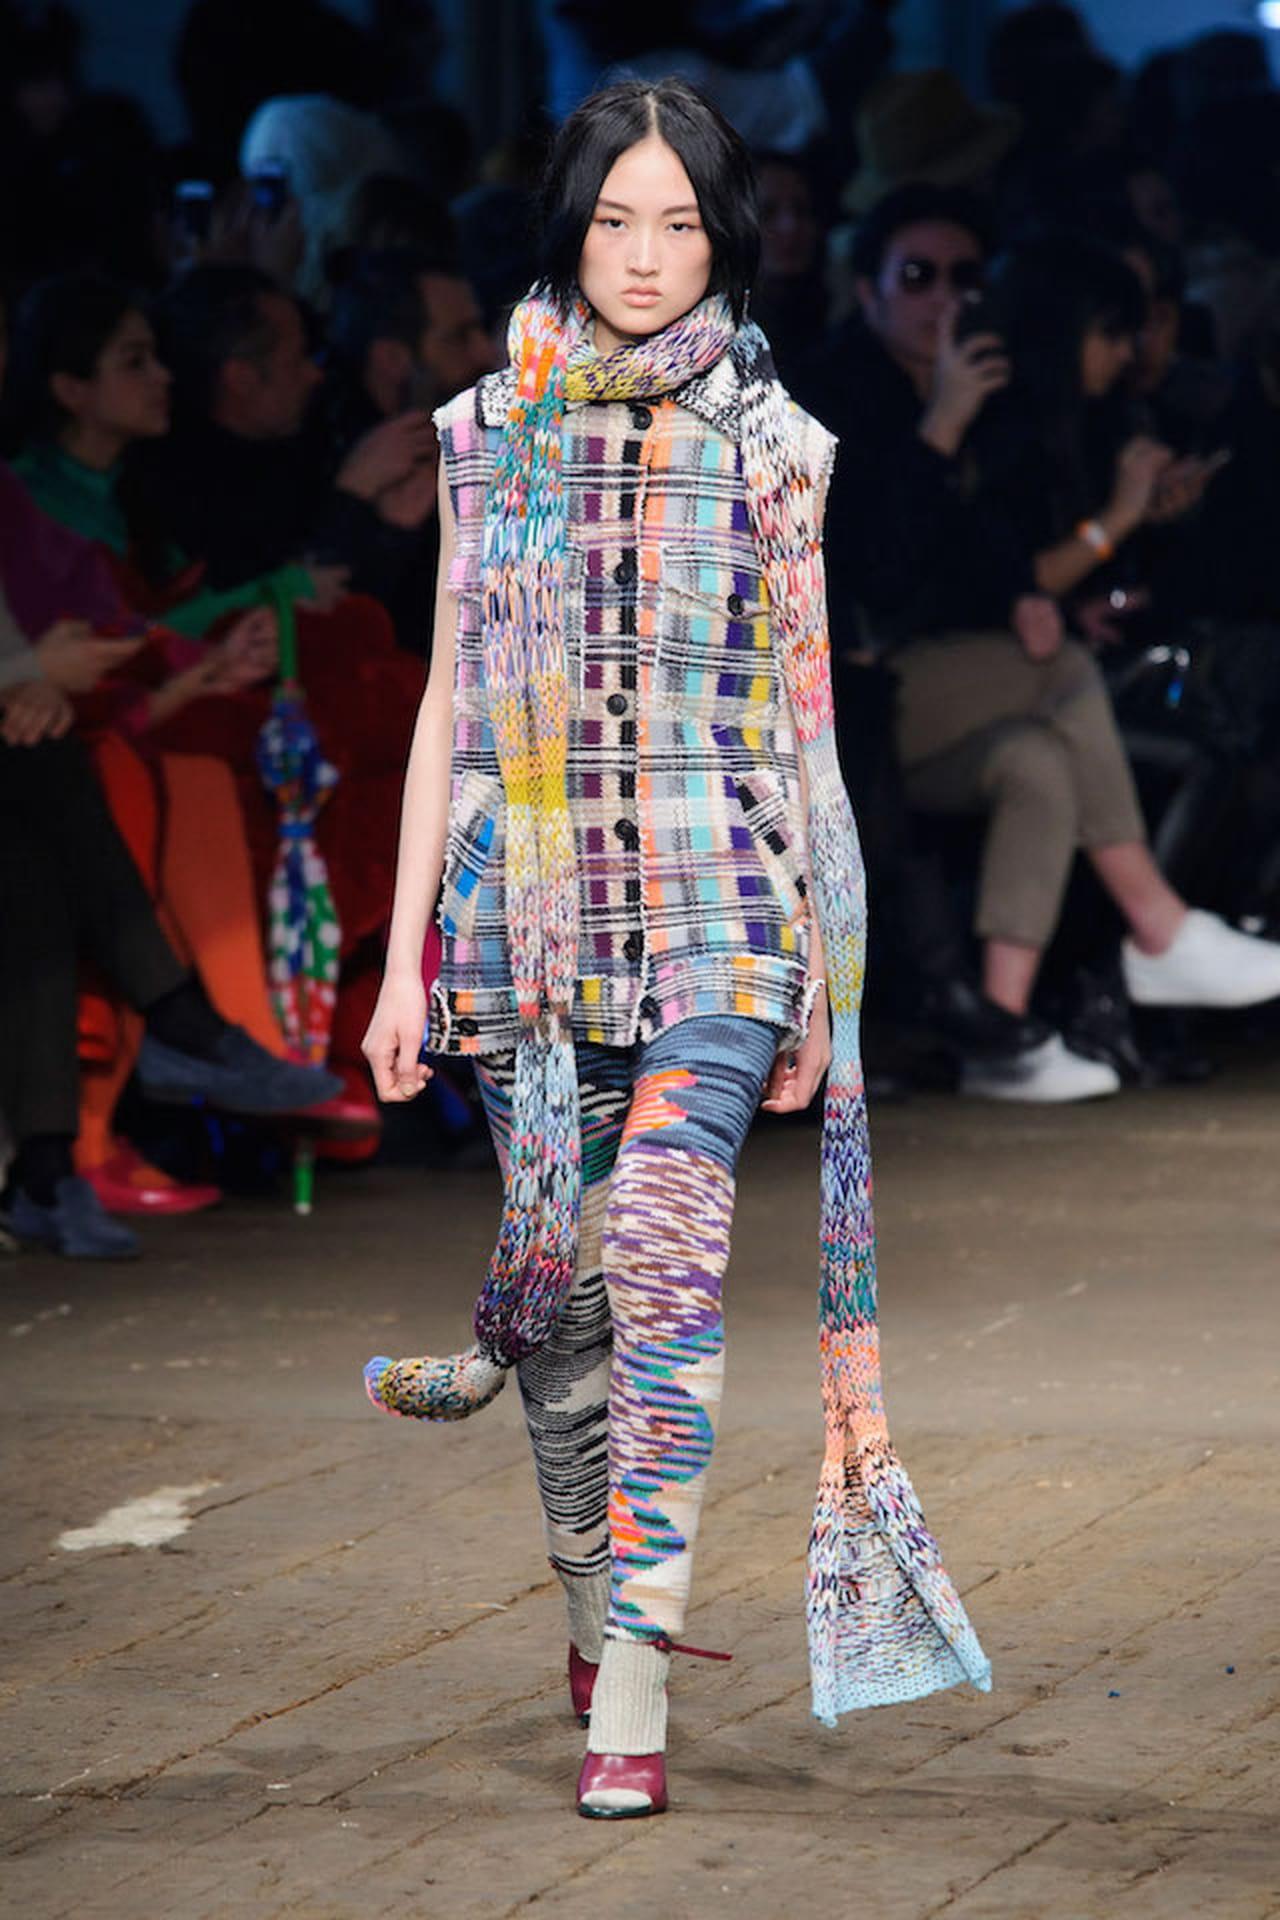 fb7697324 Missoni alla Settimana della Moda di Milano 2016 porta una femminilità  sofisticata e iconica ma strettamente attuale.